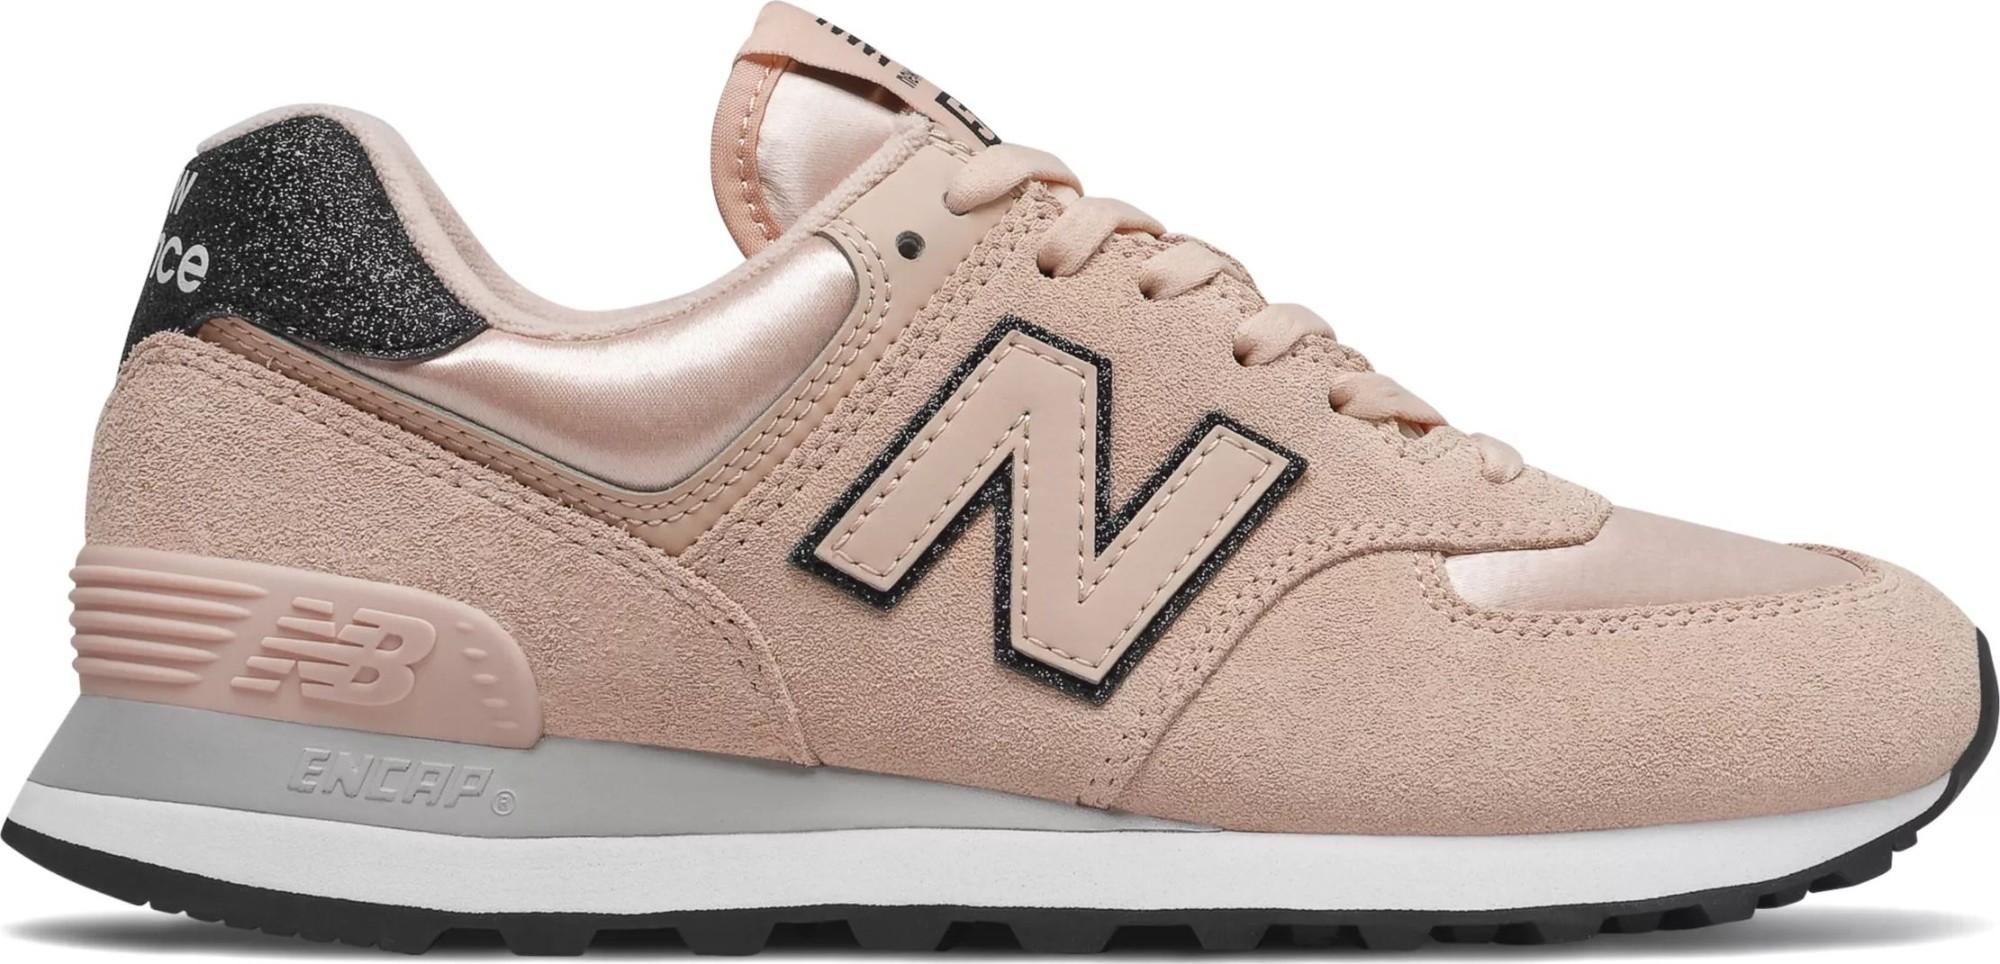 New Balance WL574 Nubuck Pink/Glittered 37,5